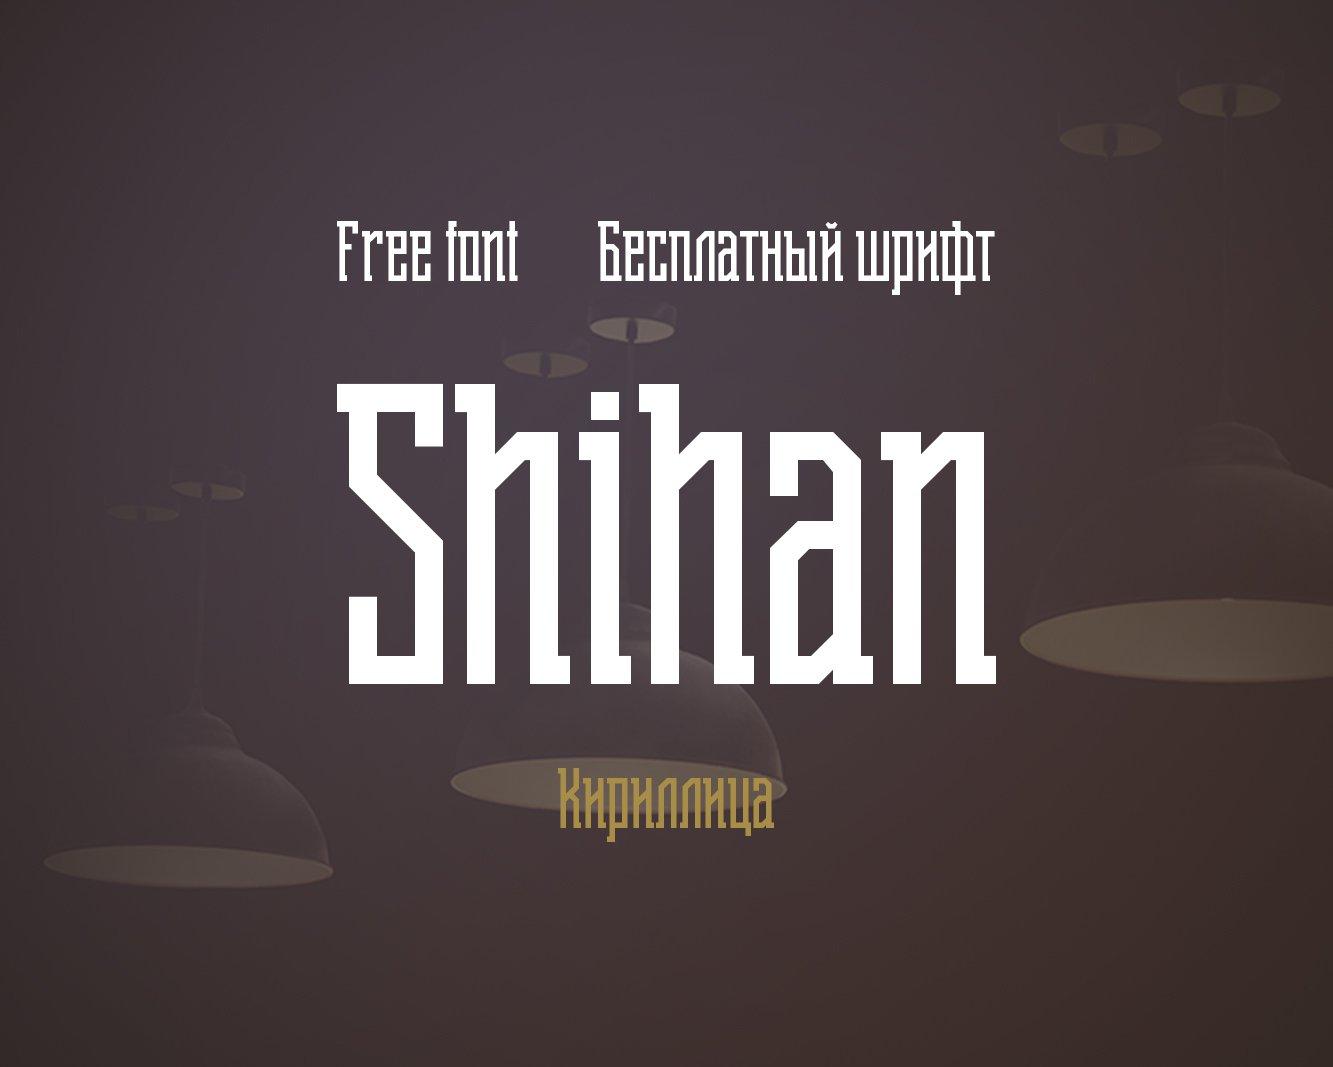 Шрифт Shihan с поддержкой кириллицы и башкирского языка